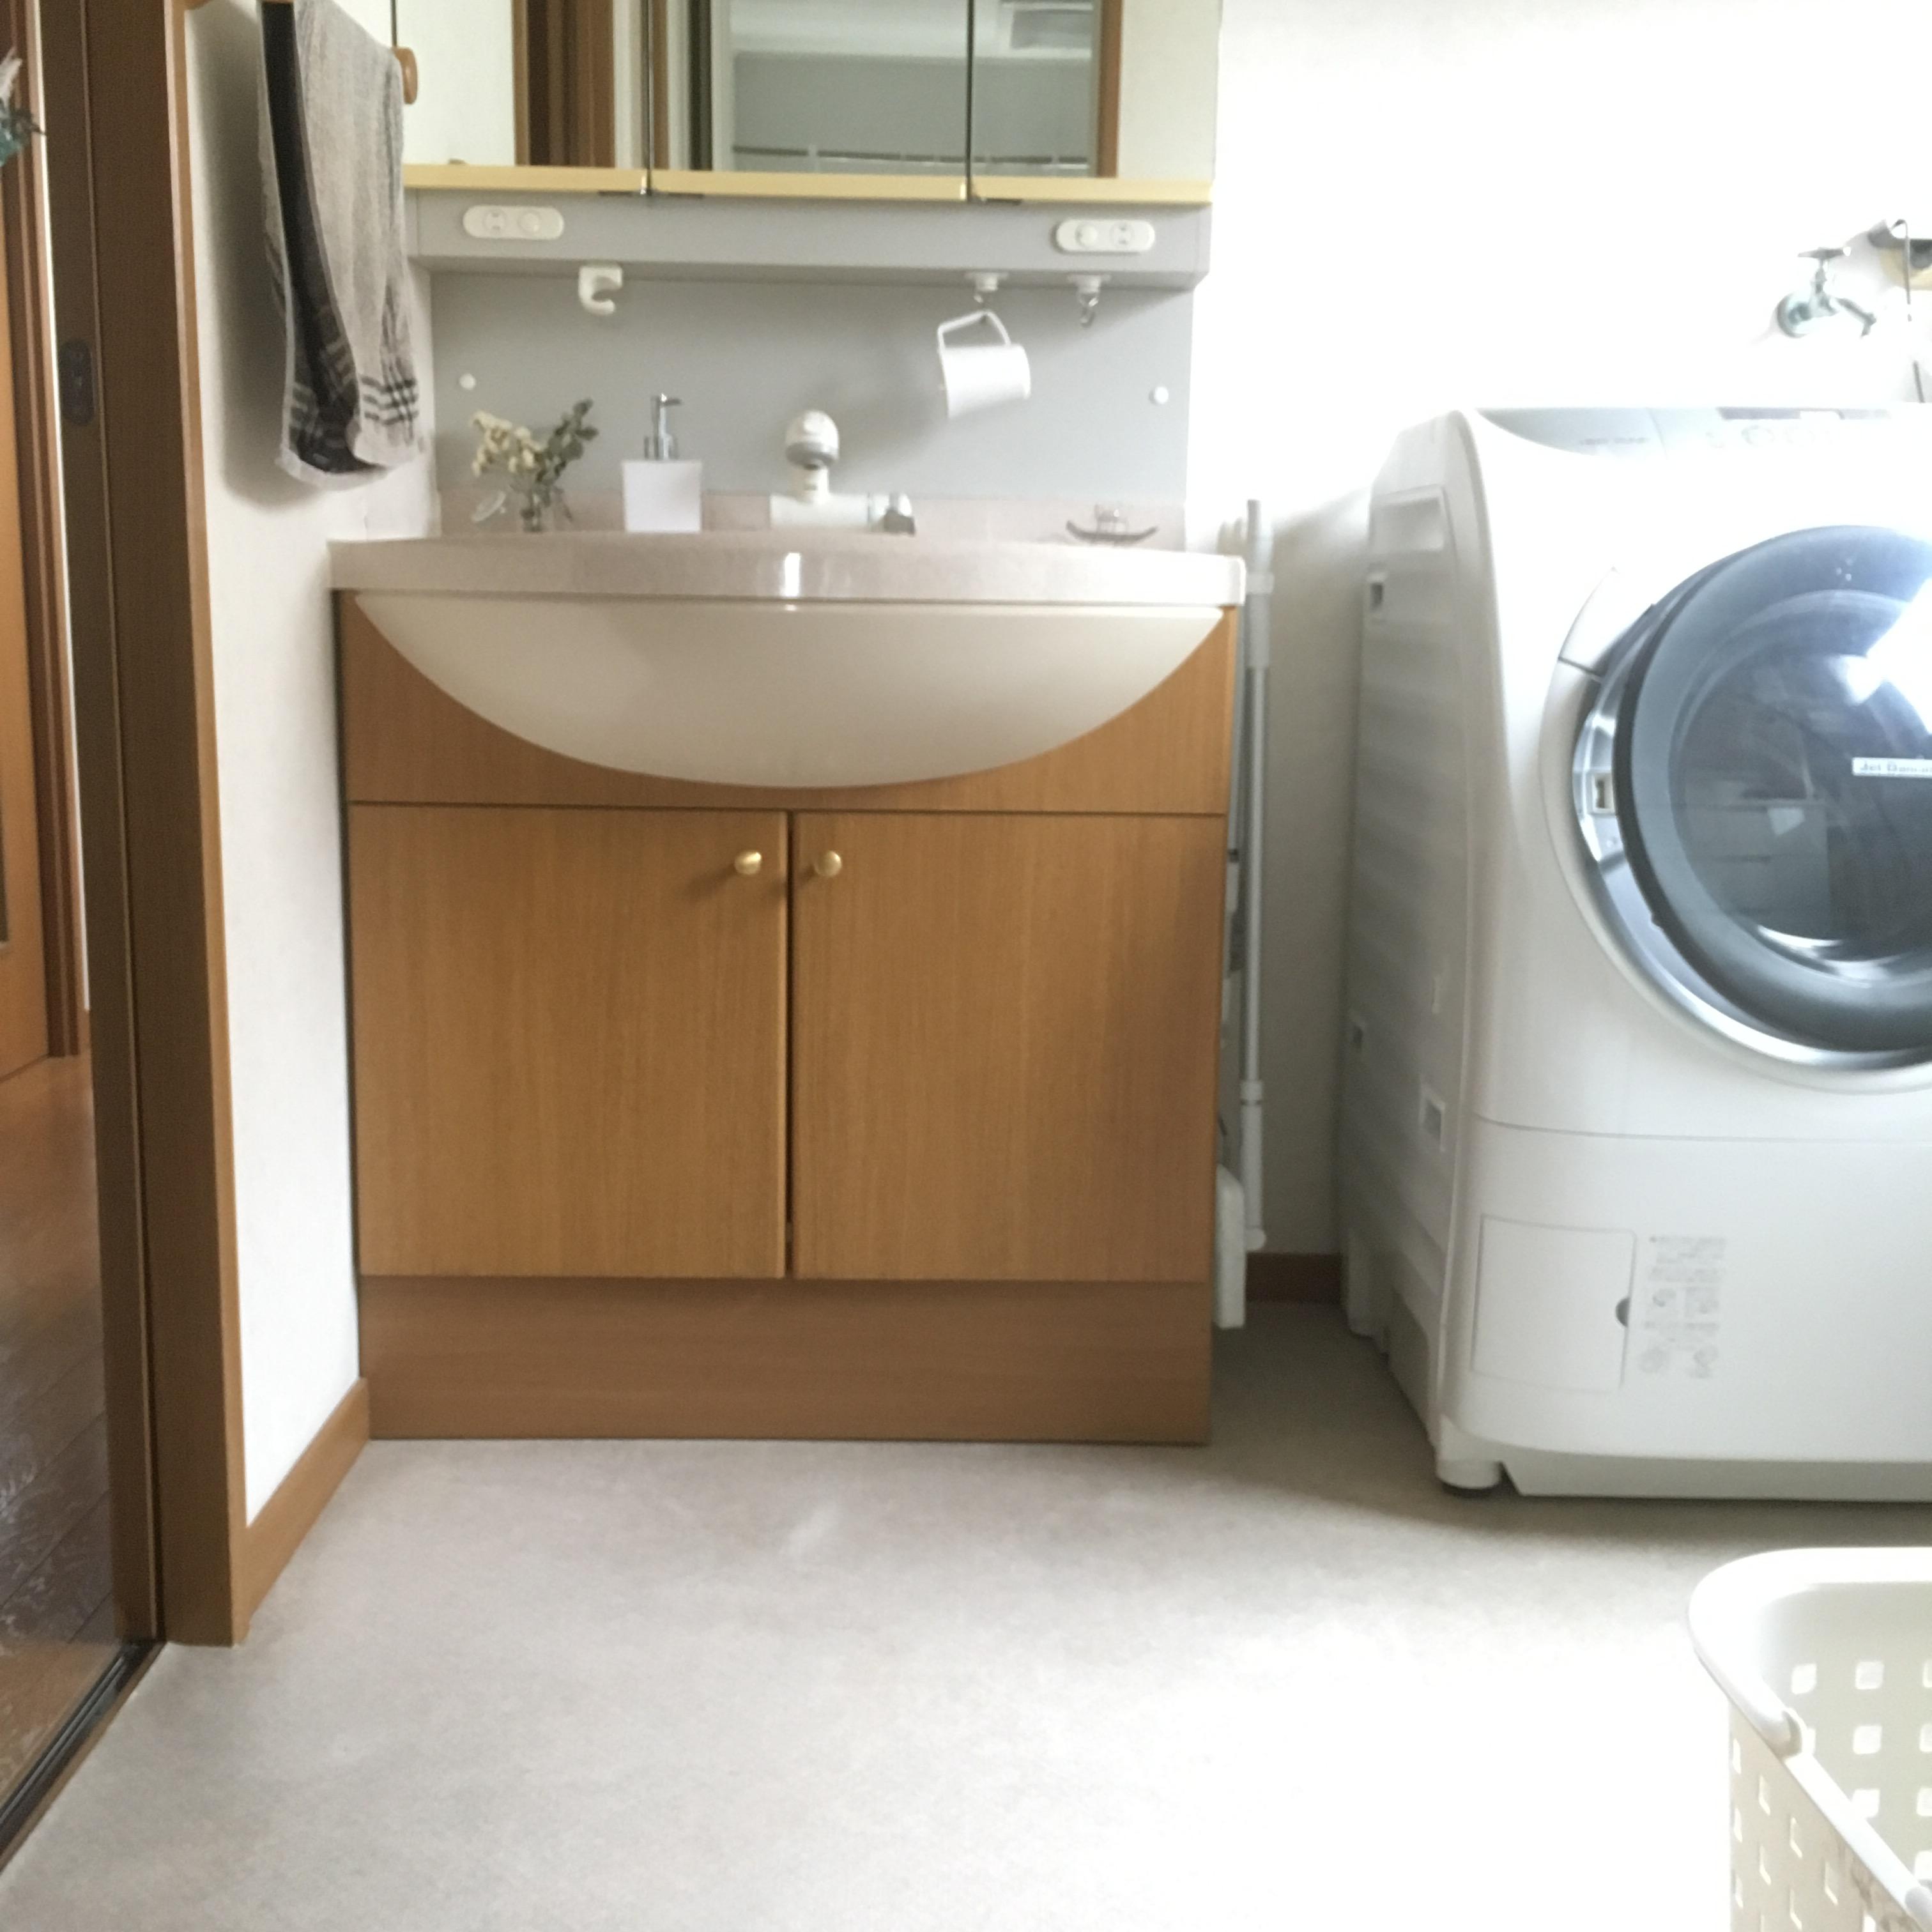 洗面所収納の扉はない方が楽チン